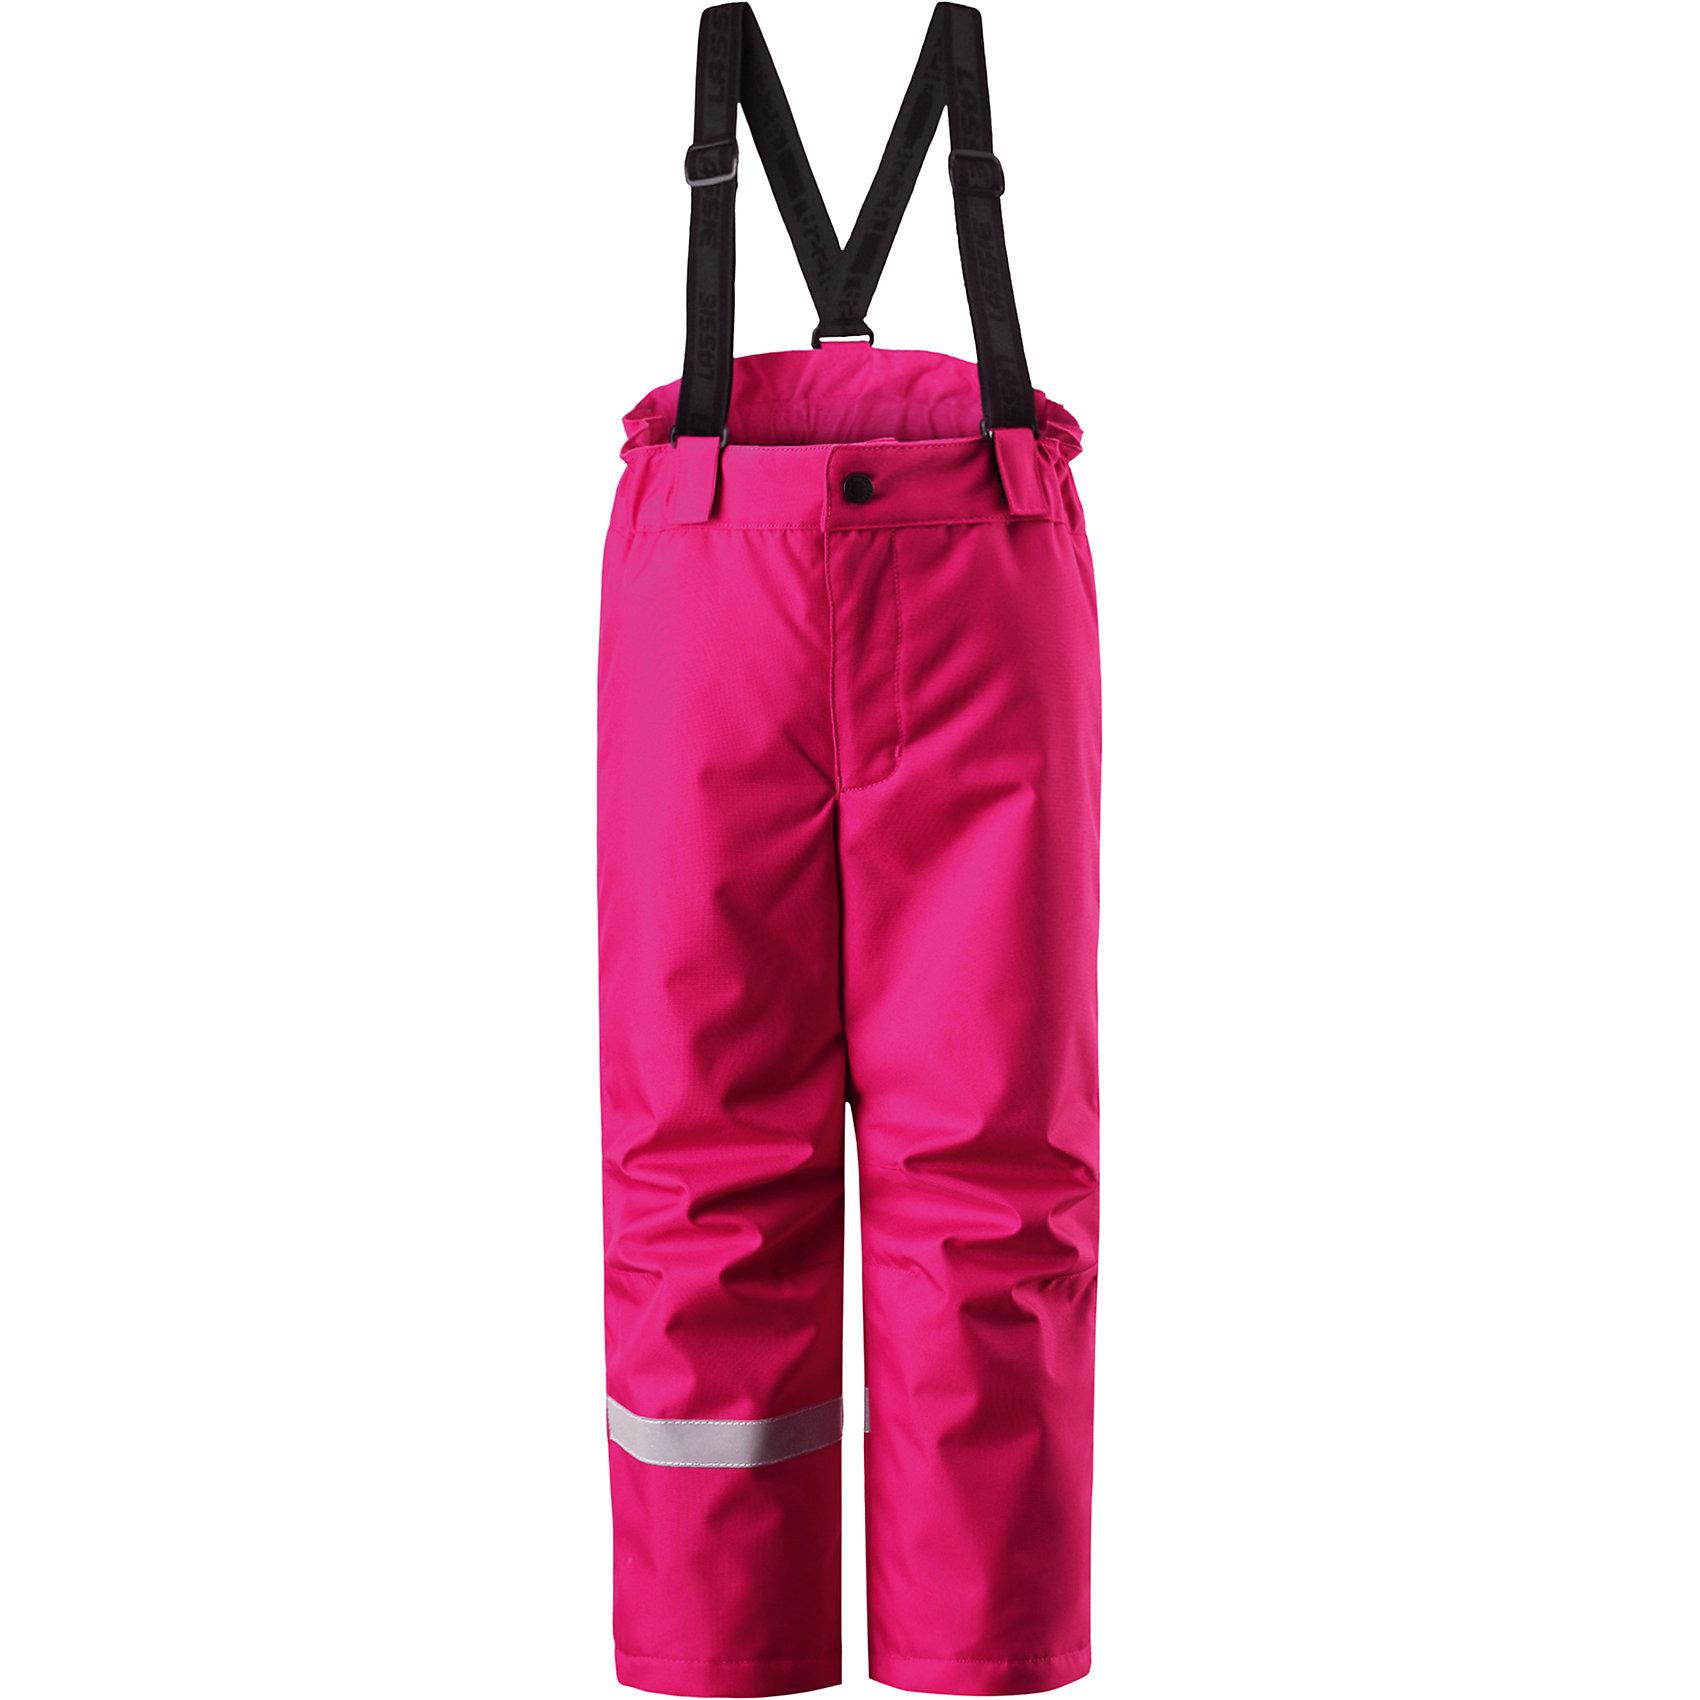 Брюки LASSIEОдежда<br>Зимние брюки для детей известной финской марки. <br><br>- Прочный материал. <br>- Водоотталкивающий, ветронепроницаемый, «дышащий» и грязеотталкивающий материал.<br>-  Задний серединный шов проклеен. свободный крой.<br>- Гладкая подкладка из полиэстра. <br>- Легкая степень утепления. <br>- Эластичный регулируемый обхват талии. <br>- Регулируемые брючины. Карманы в боковых швах.  <br><br>Рекомендации по уходу: Стирать по отдельности, вывернув наизнанку. Застегнуть молнии и липучки. Соблюдать температуру в соответствии с руководством по уходу. Стирать моющим средством, не содержащим отбеливающие вещества. Полоскать без специального средства. Сушение в сушильном шкафу разрешено при  низкой температуре.<br><br>Состав: 100% Полиамид, полиуретановое покрытие.  Утеплитель «Lassie wadding» 100гр.<br><br>Ширина мм: 215<br>Глубина мм: 88<br>Высота мм: 191<br>Вес г: 336<br>Цвет: розовый<br>Возраст от месяцев: 18<br>Возраст до месяцев: 24<br>Пол: Женский<br>Возраст: Детский<br>Размер: 92,140,98,104,110,116,122,128,134<br>SKU: 4781886